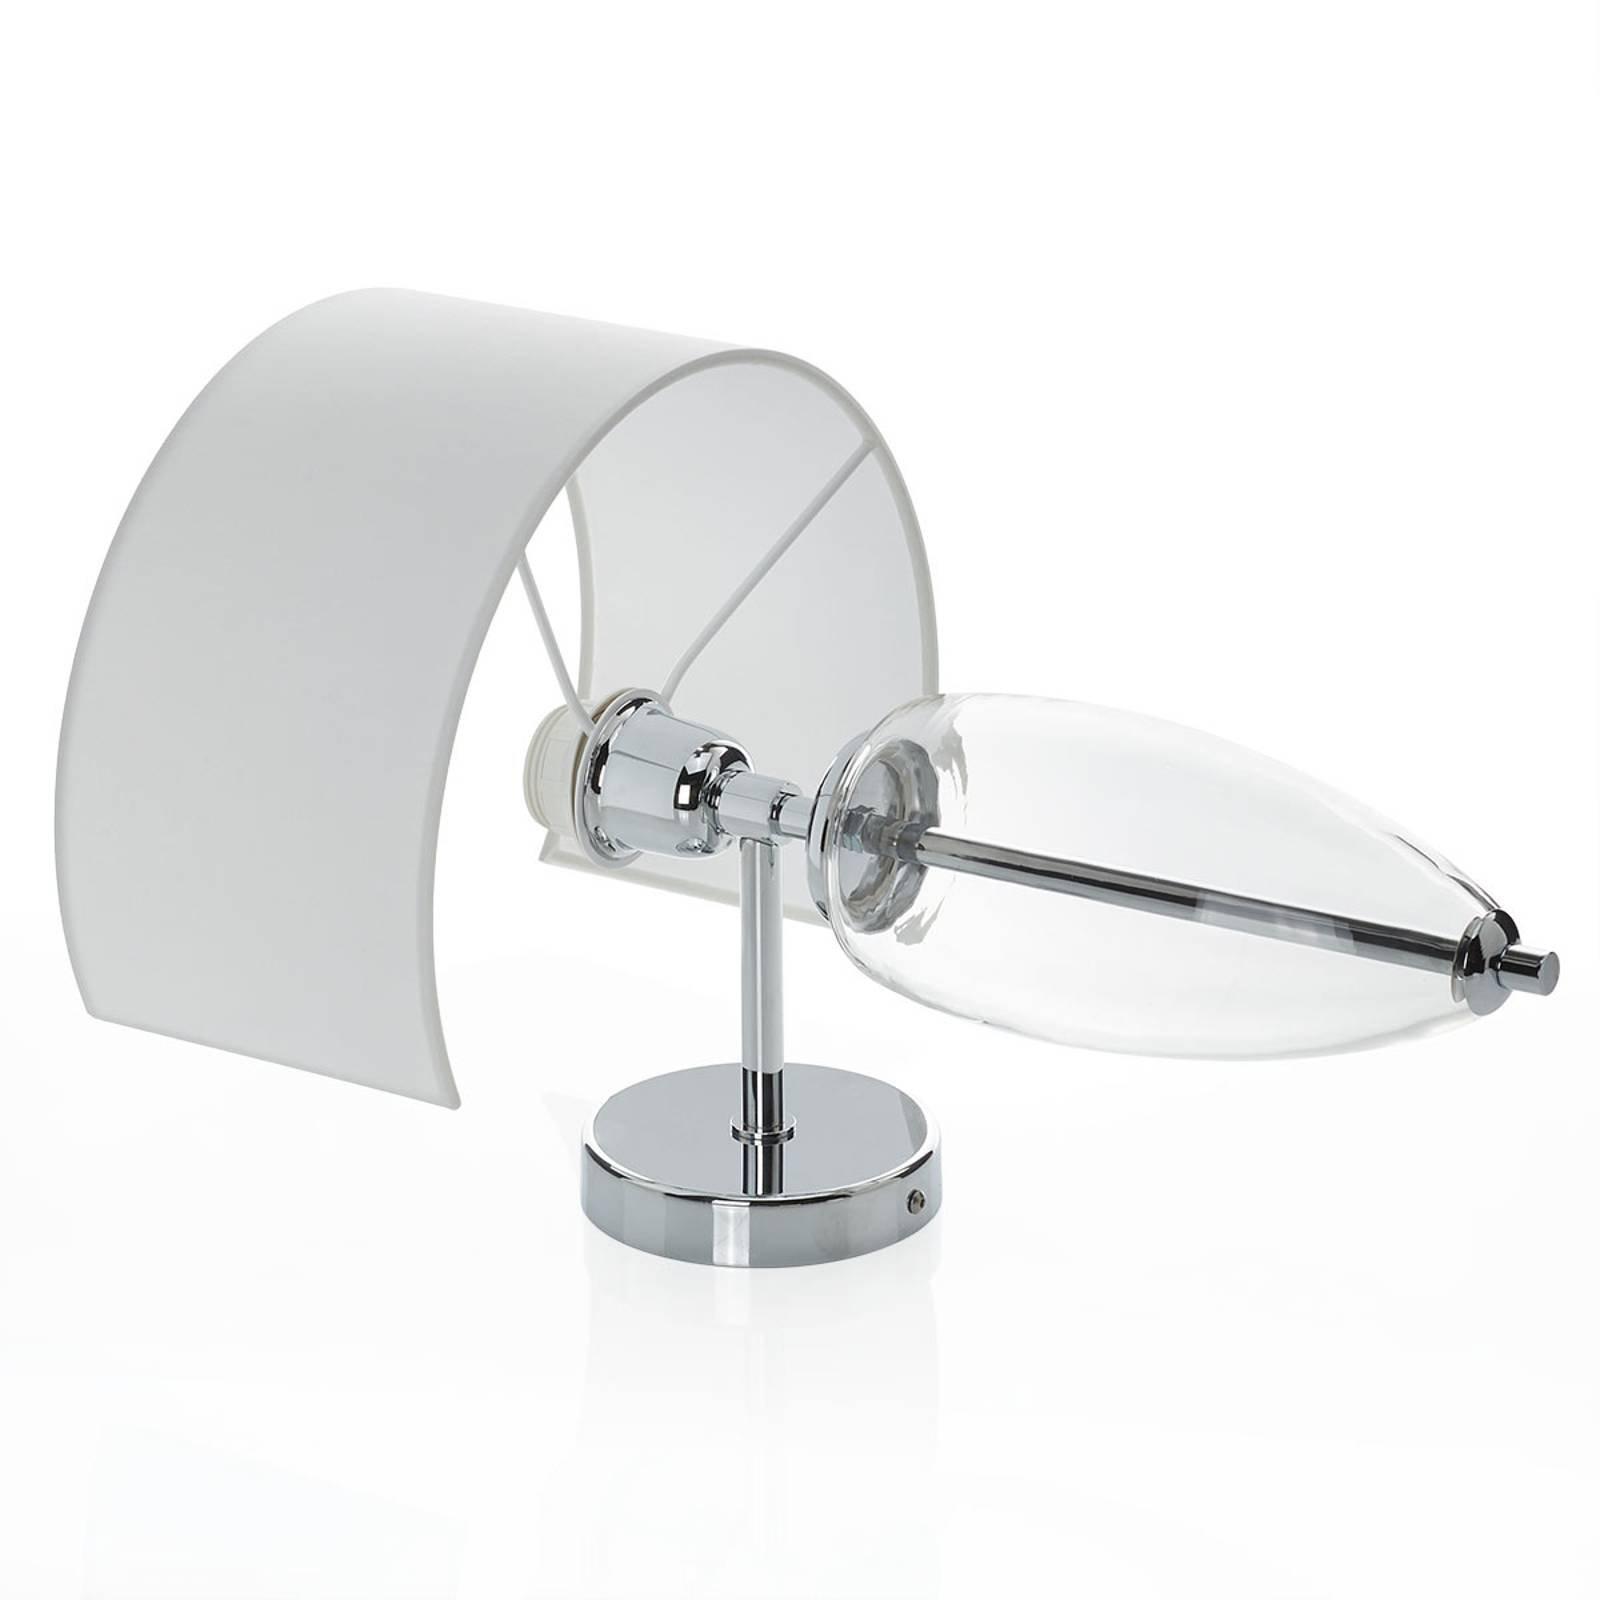 Vegglampe Show Ogiva med glasselementet klart